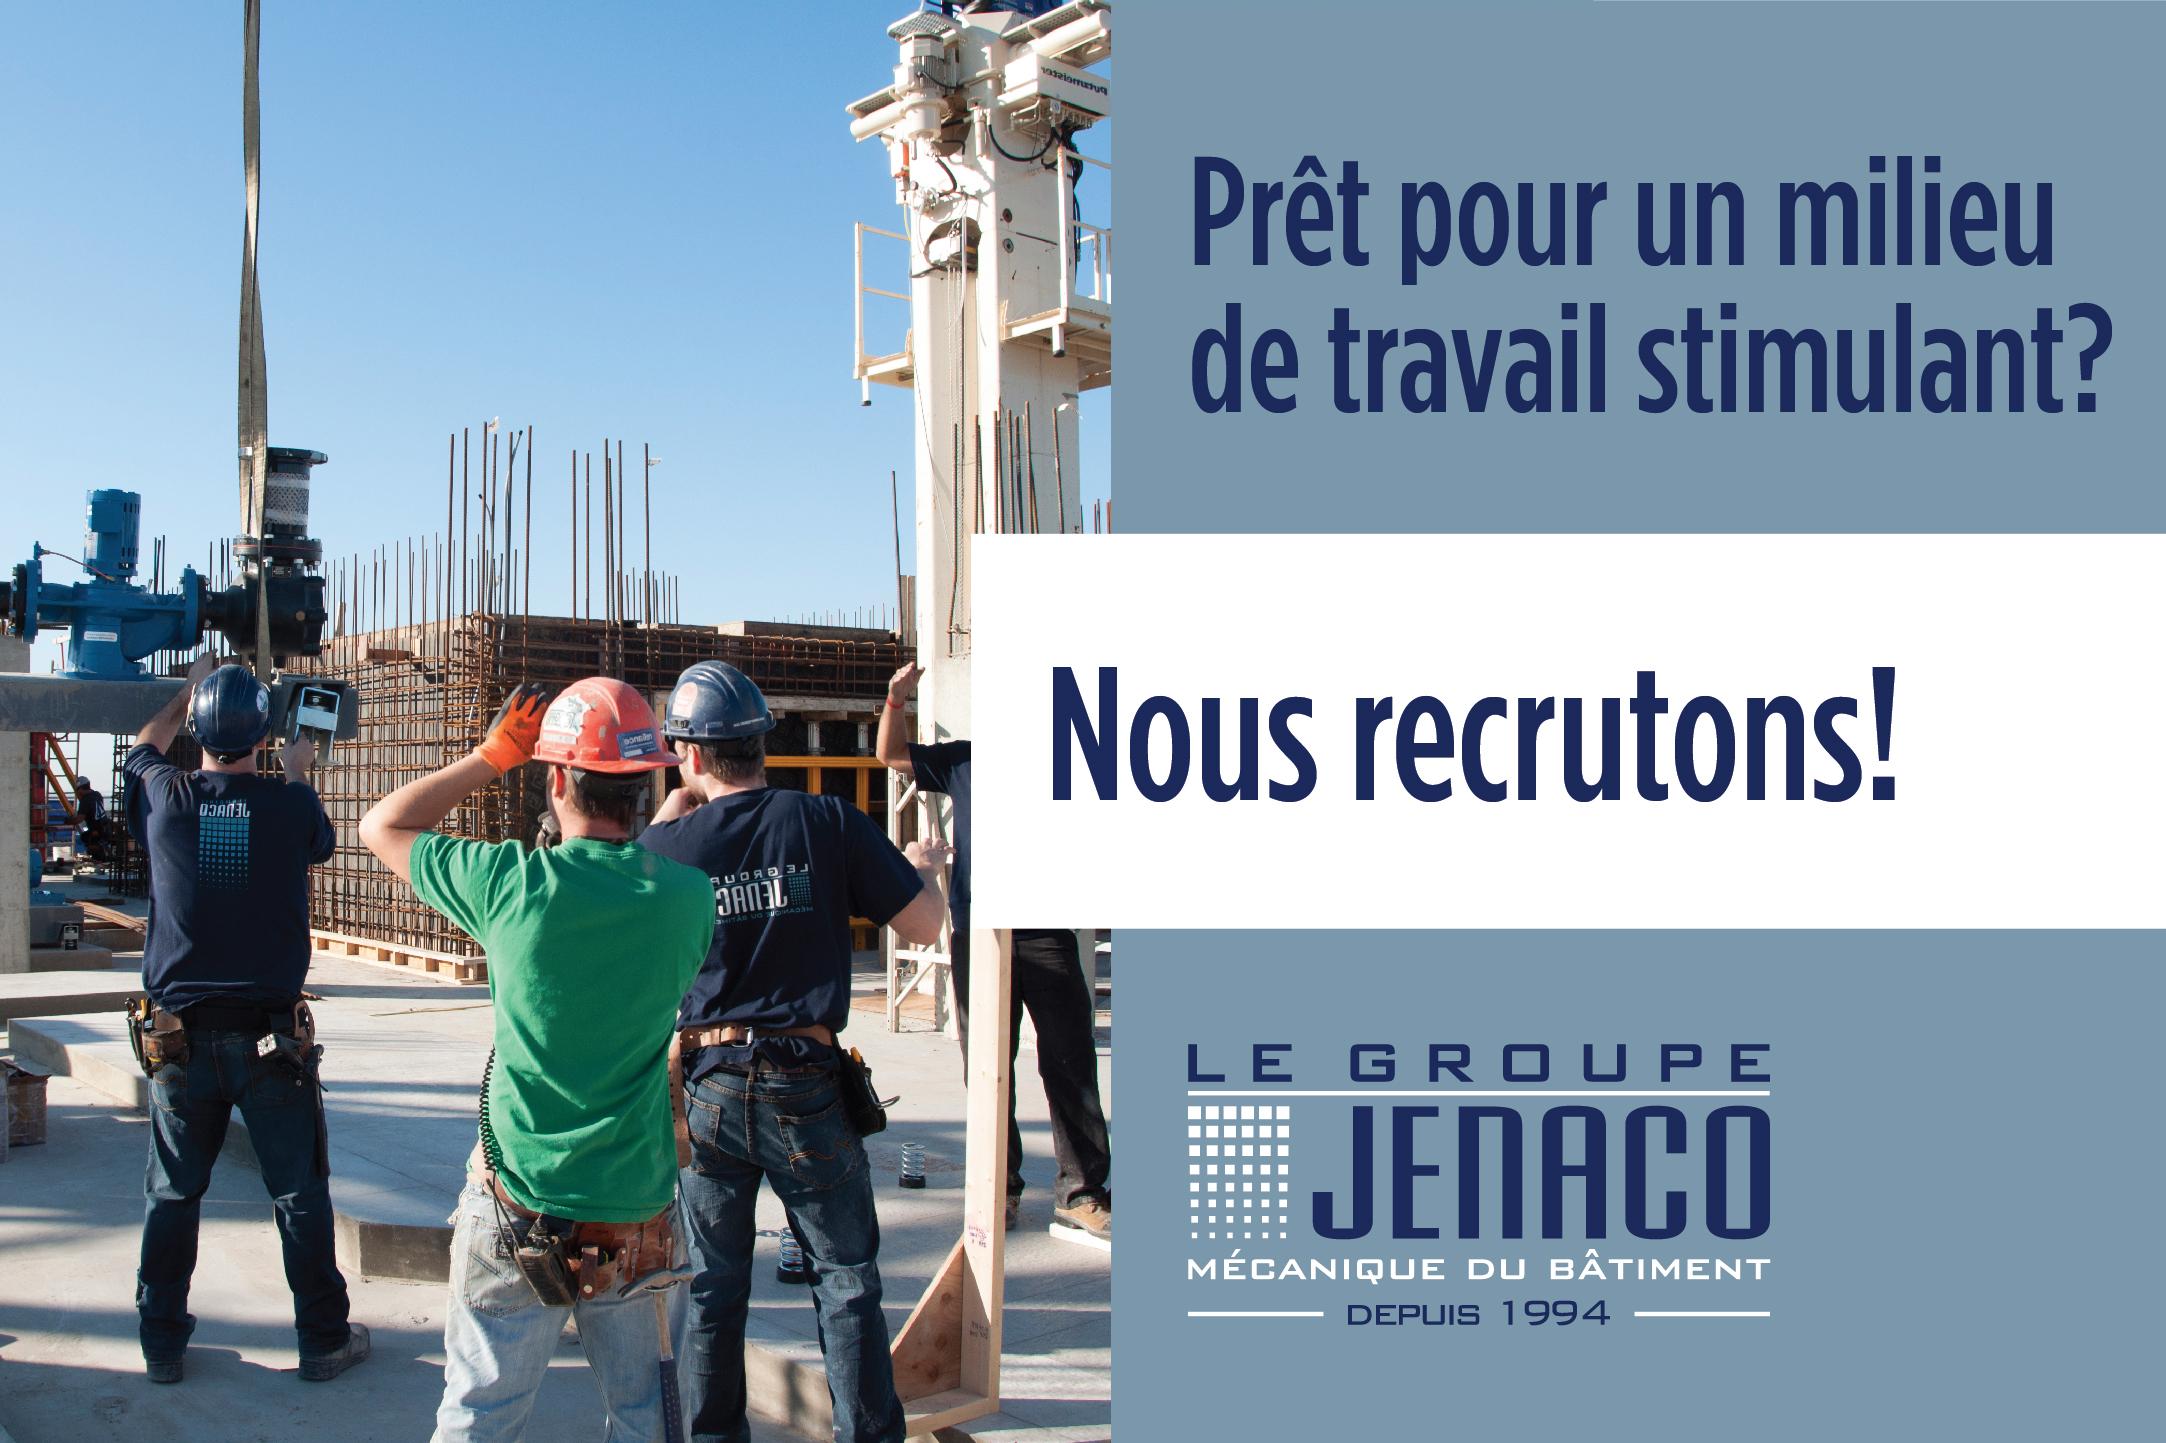 Le Groupe Jenaco en campagne de recrutement intensive